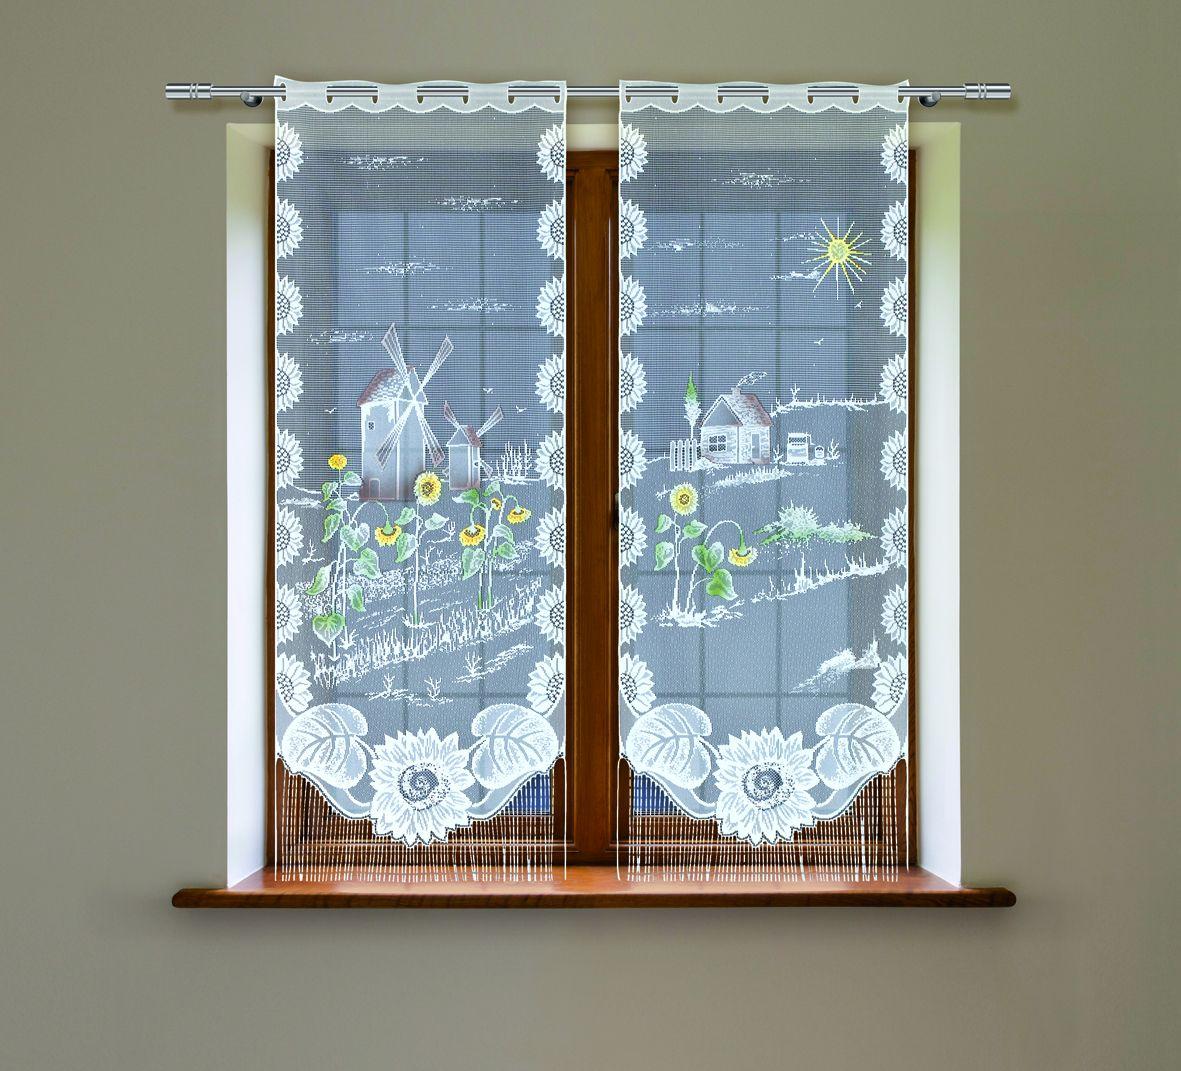 Комплект гардин Haft, на петлях, цвет: белый, высота 160 см, 2 шт. 21520С21520С/60Воздушные гардины Haft великолепно украсят любое окно. Комплект состоит из двух гардин, выполненных из полиэстера.Изделие имеет оригинальный дизайн и органично впишется в интерьер помещения.Комплект крепится на карниз при помощи петель.